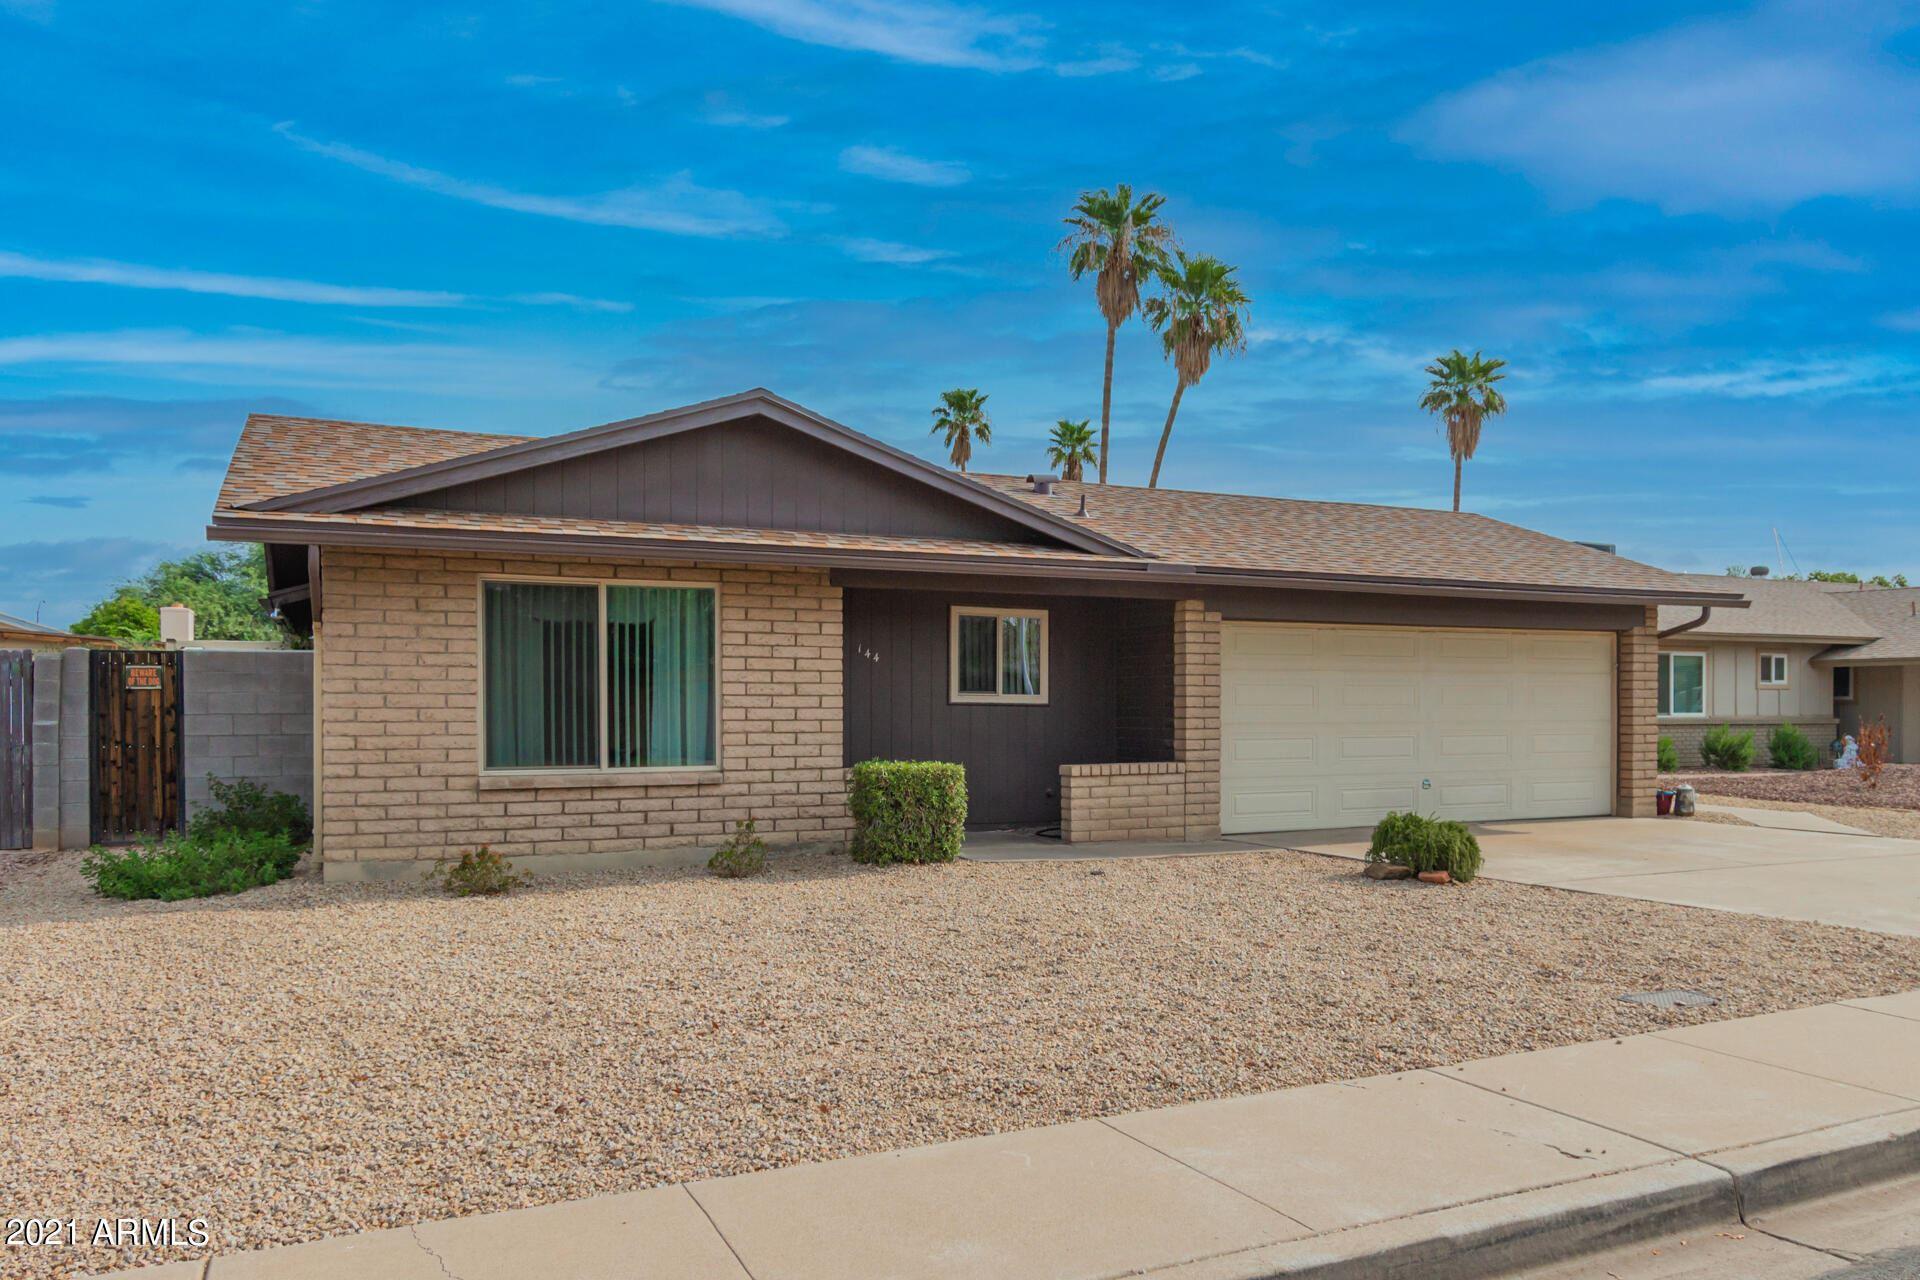 144 E JASMINE Street, Mesa, AZ 85201 - MLS#: 6268973